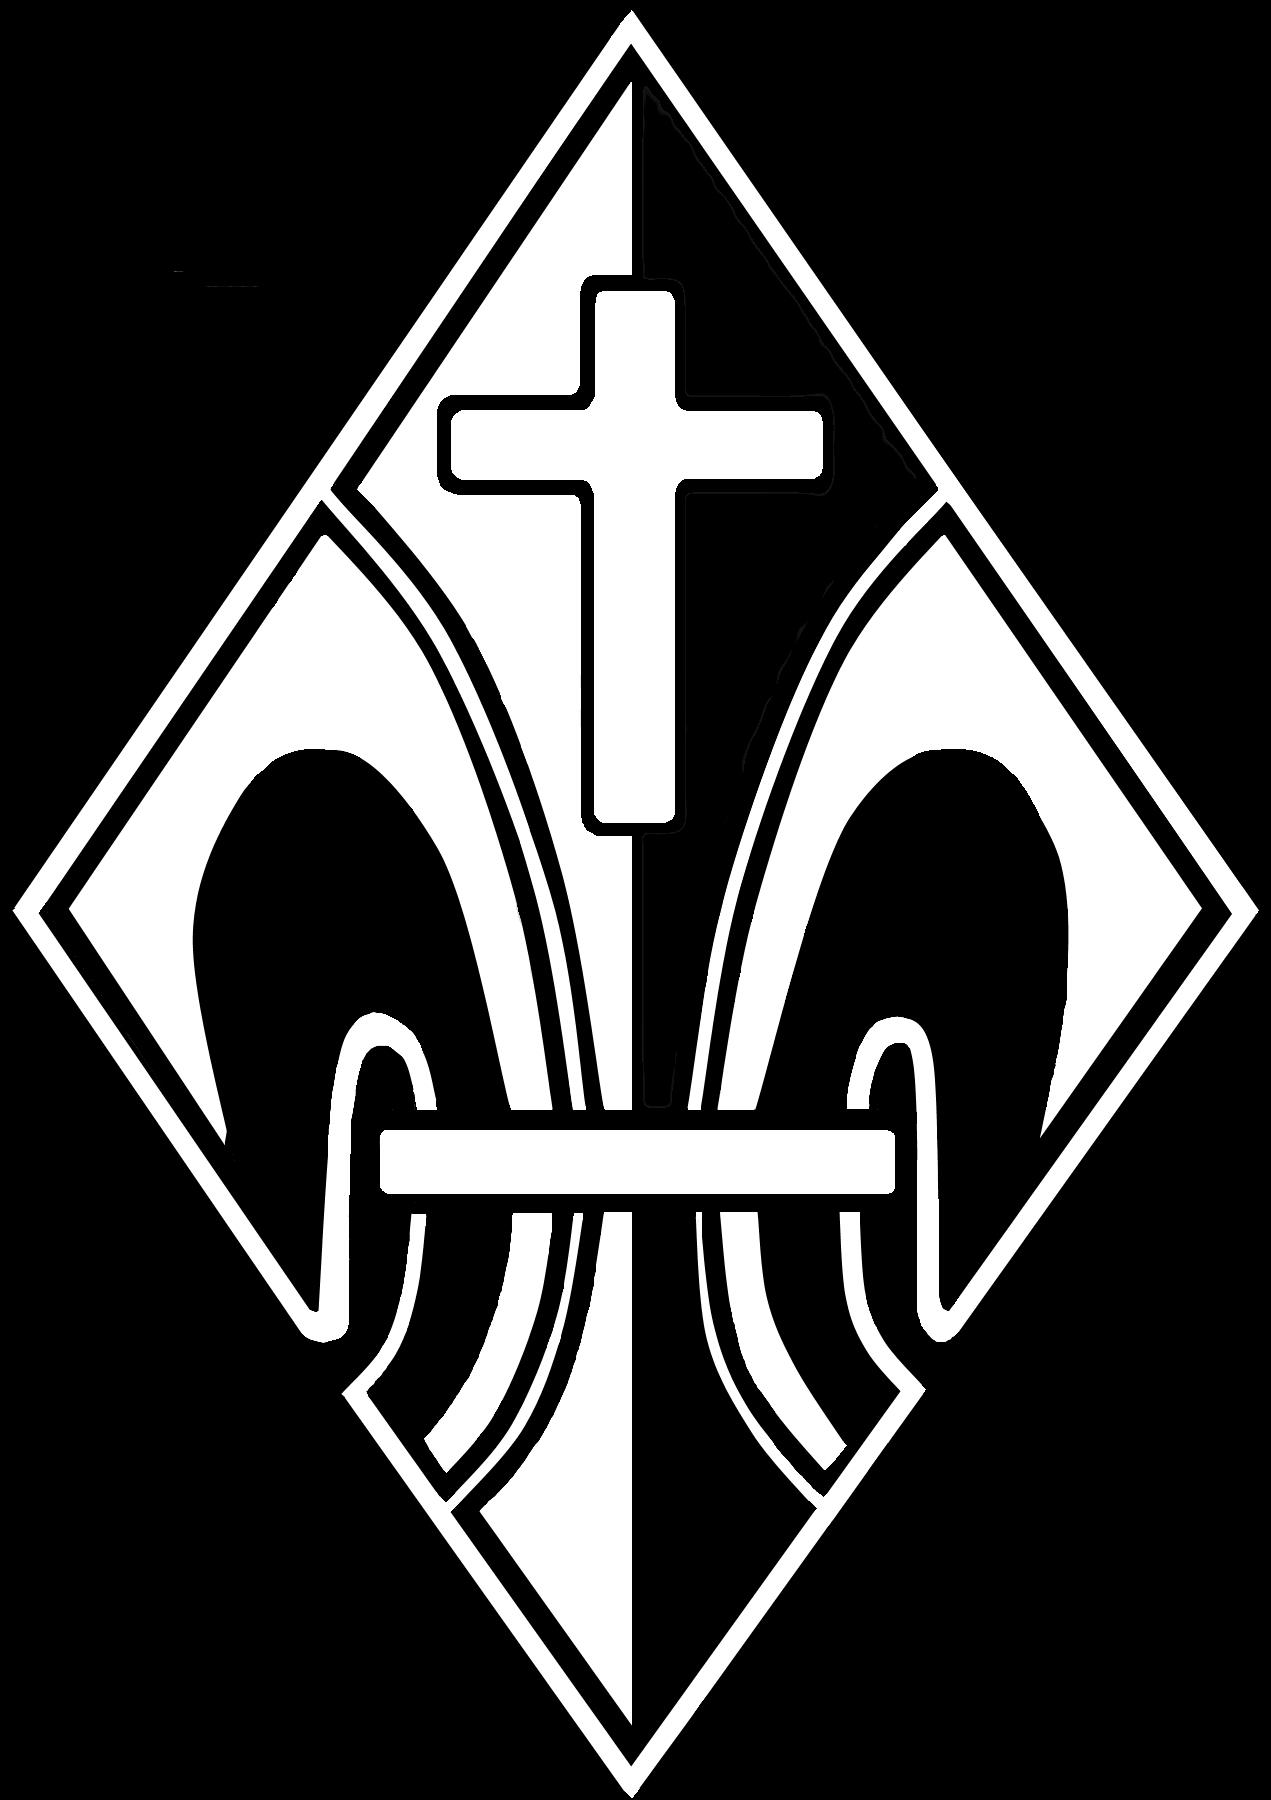 Vorgestellt: Christlicher Pfadfinderbund Saar